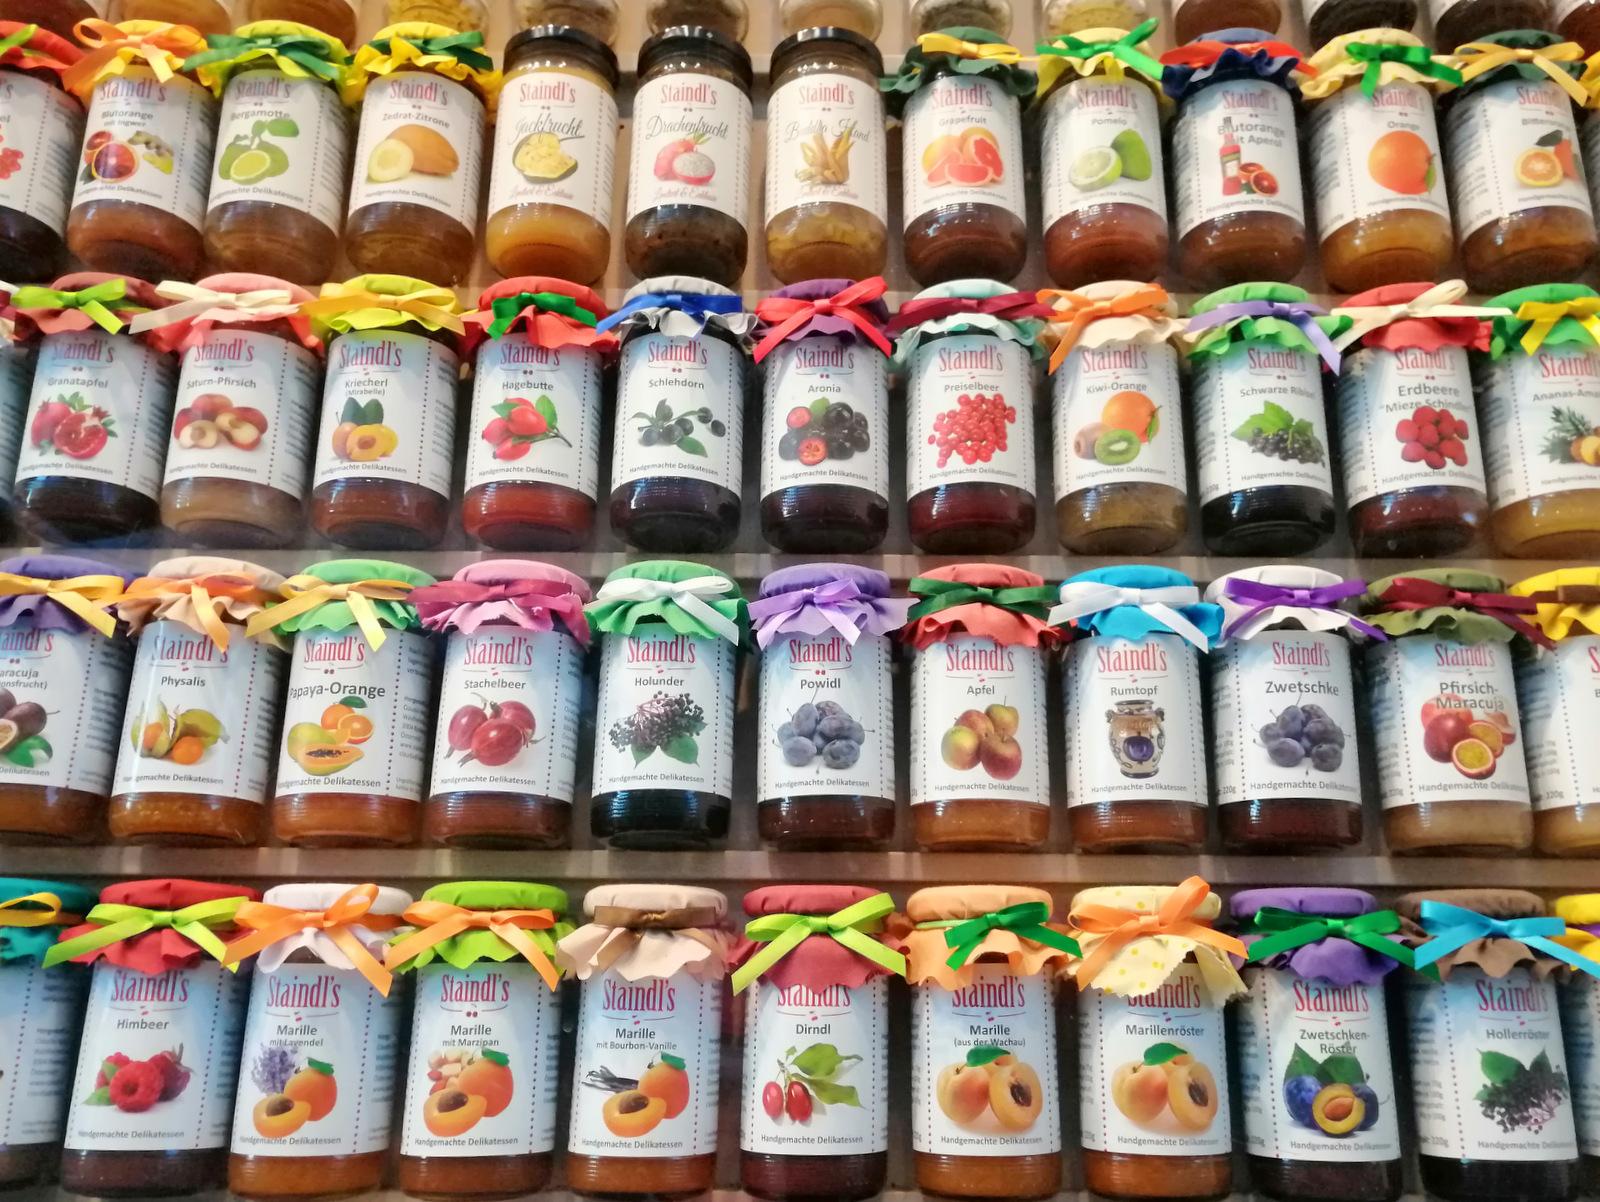 Izložba trgovine z marmeladami